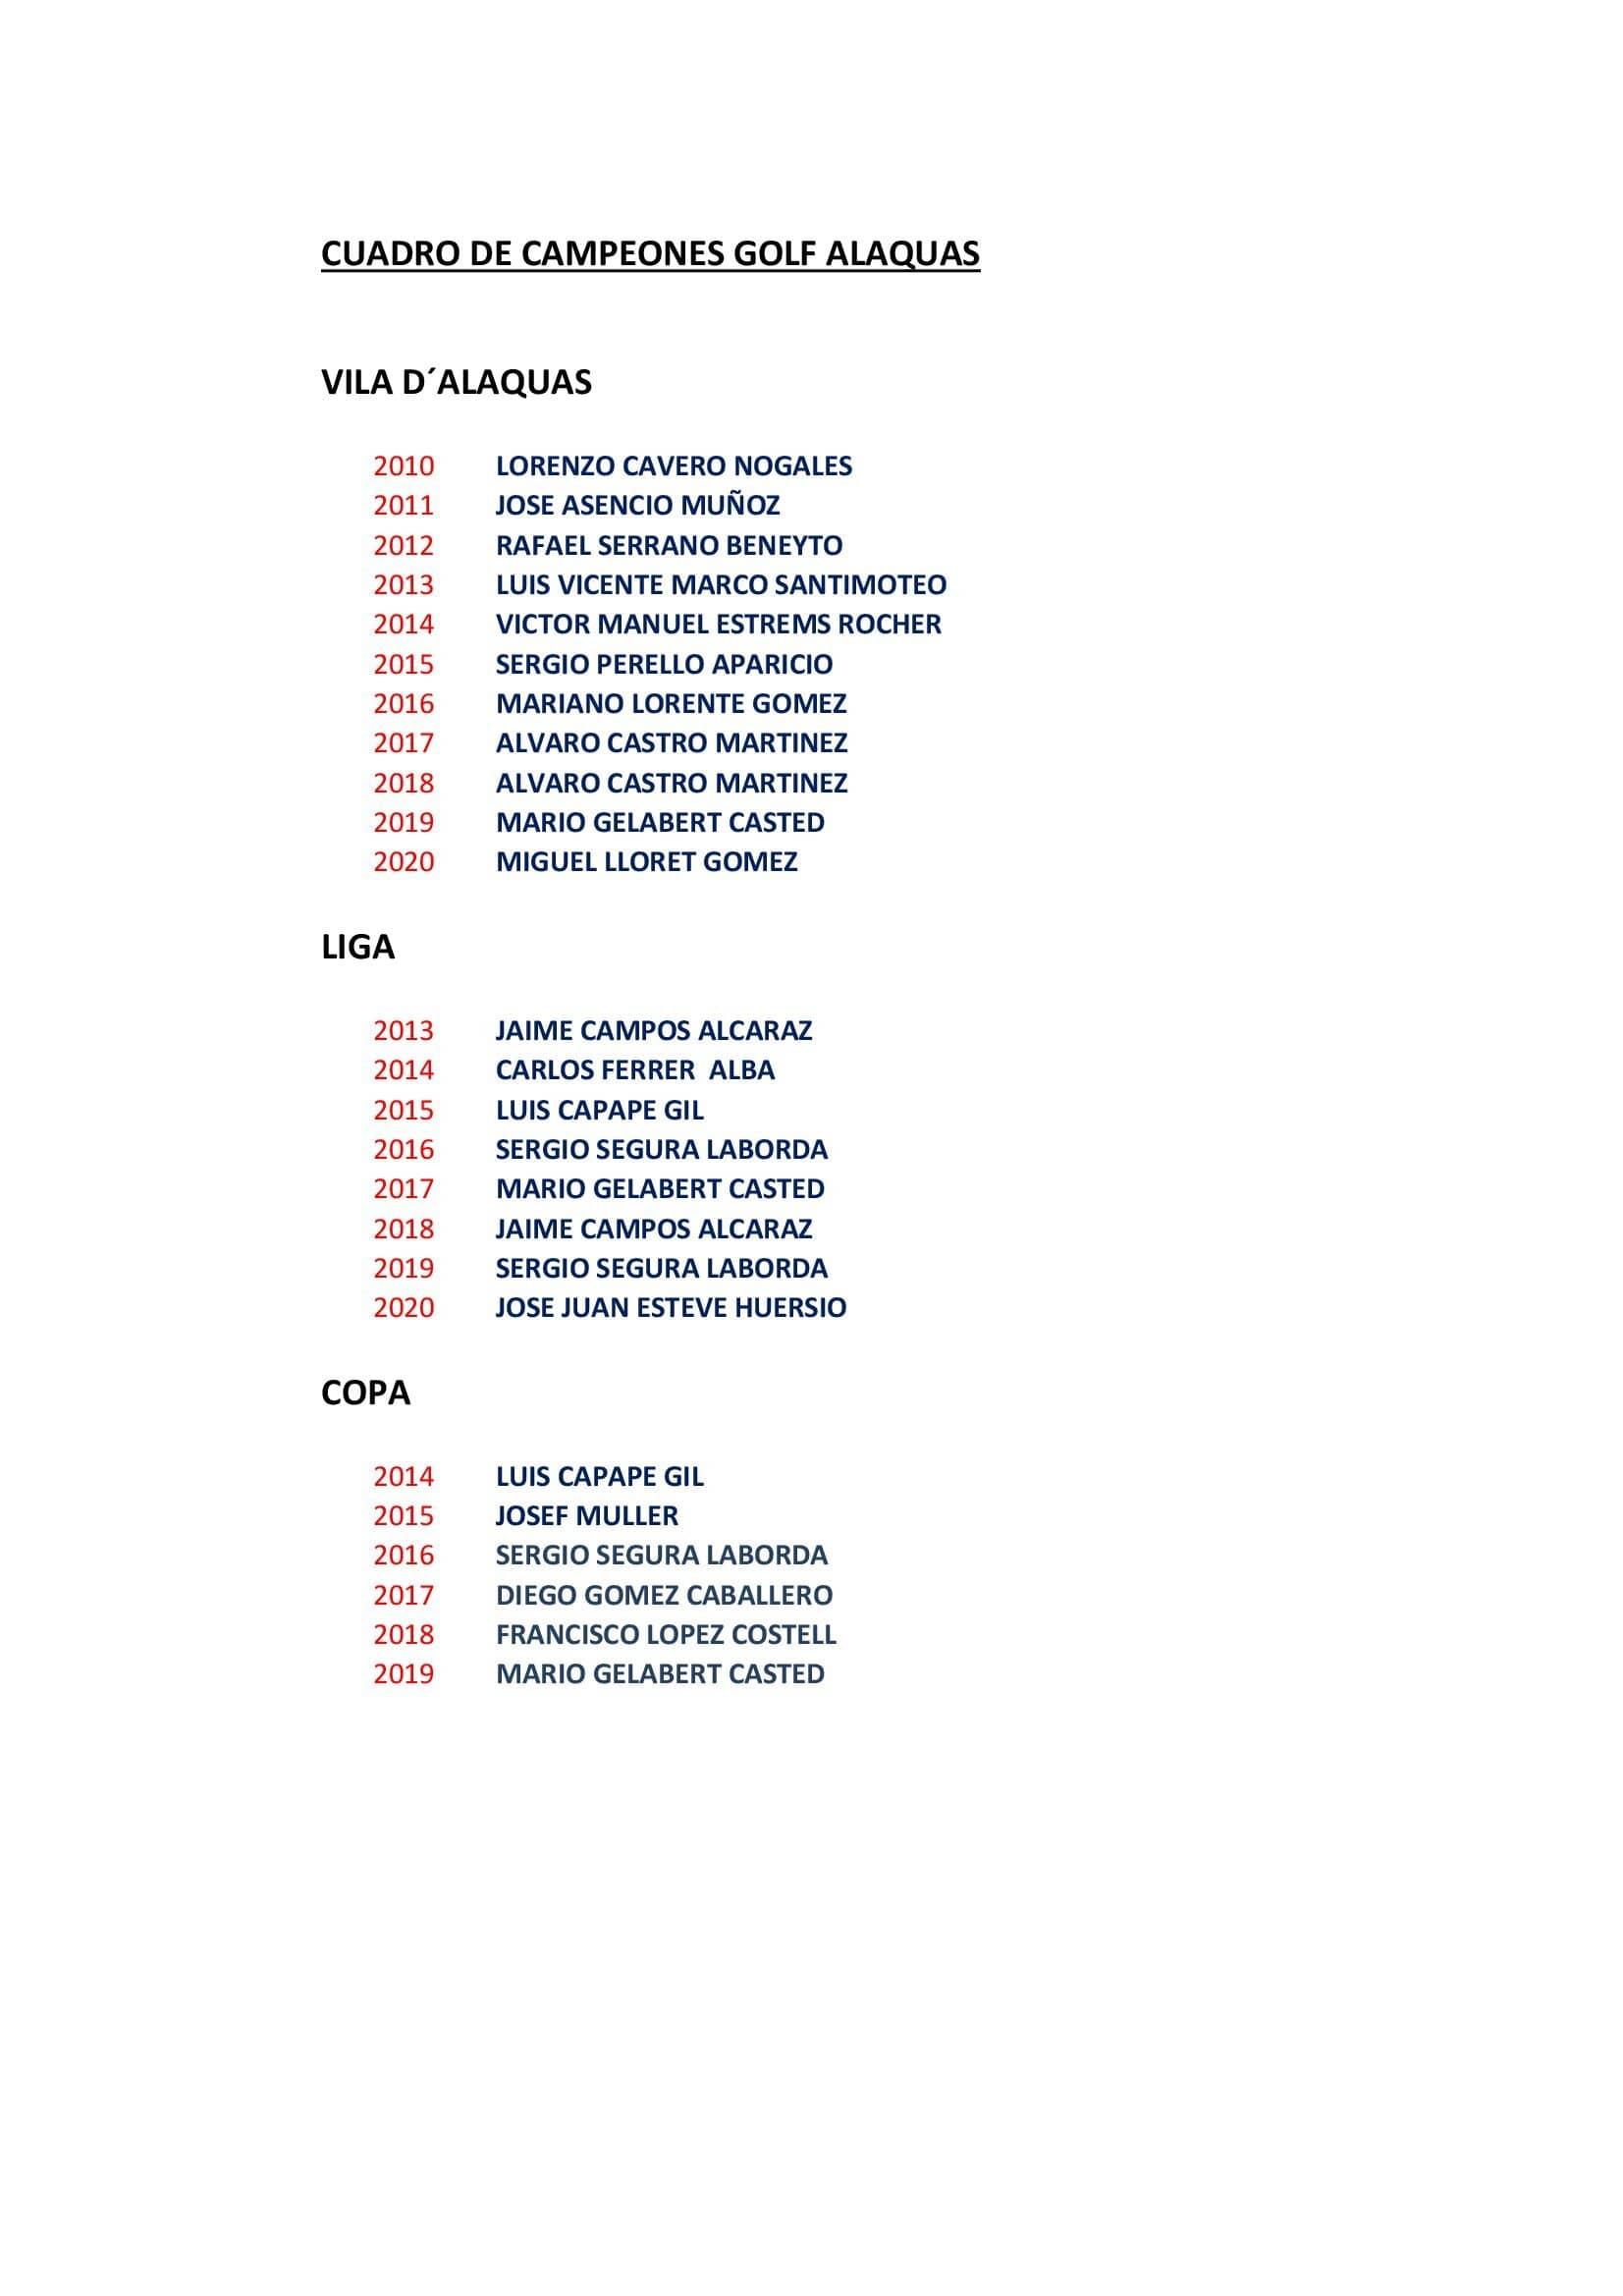 CUADRO DE CAMPEONES GOLF ALAQUAS (1)